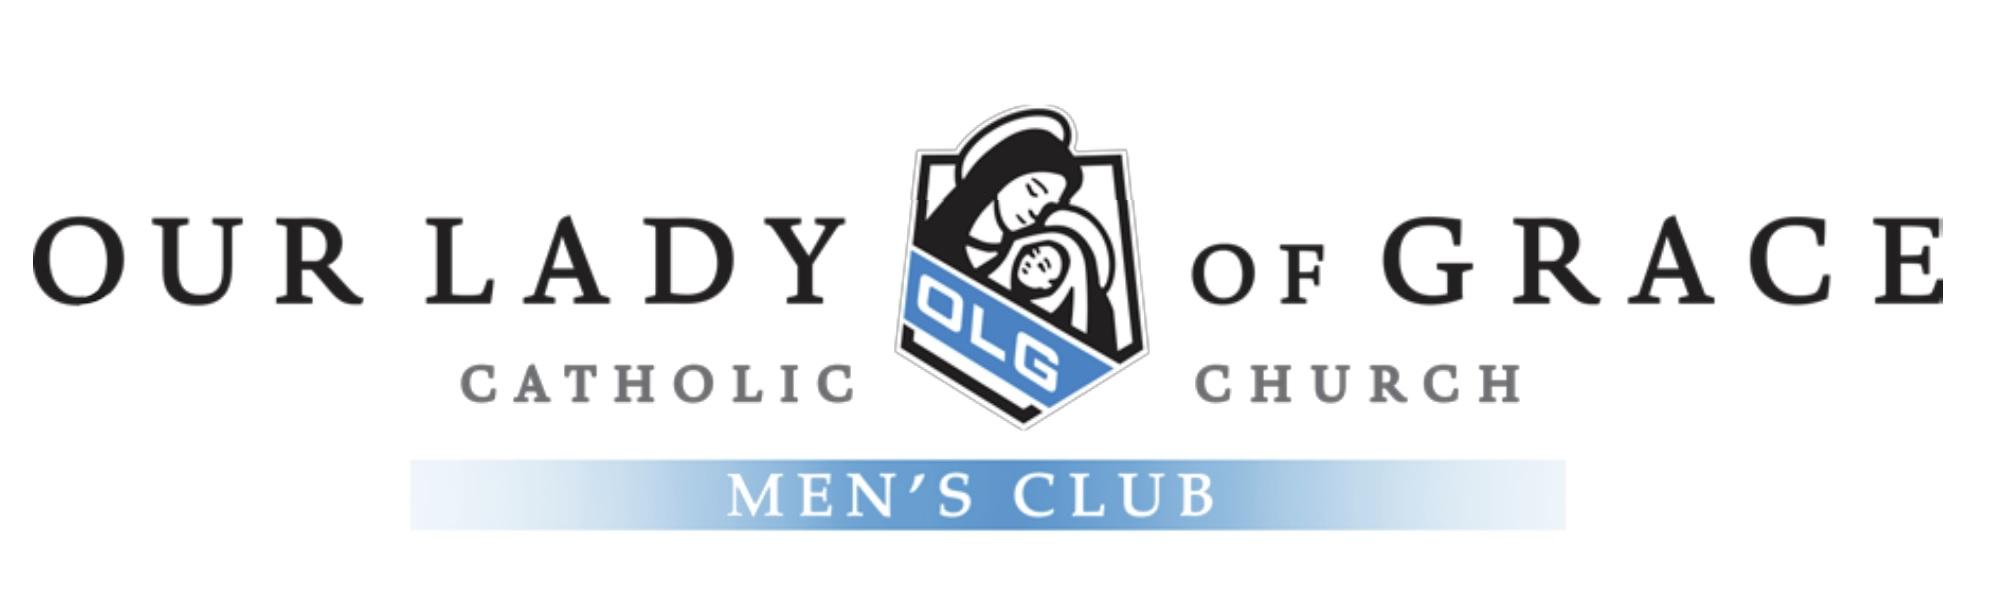 OLG Men's CLub